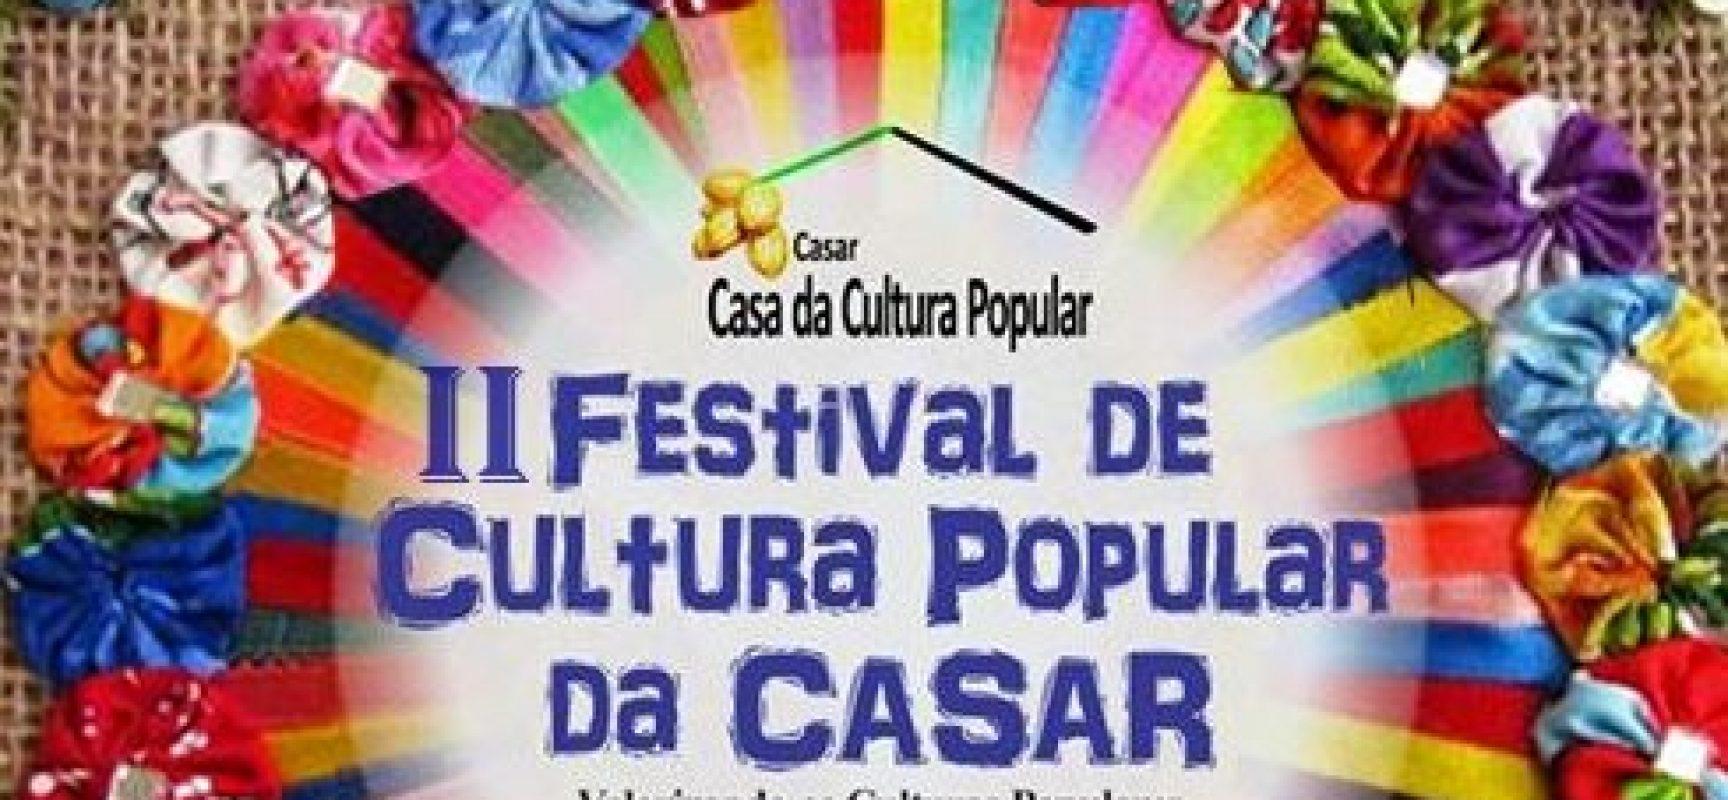 VERÃO EM ILHÉUS TEM II FESTIVAL DE CULTURA POPULAR COM SHOW DE BULE-BULE E INTENSA PROGRAMAÇÃO